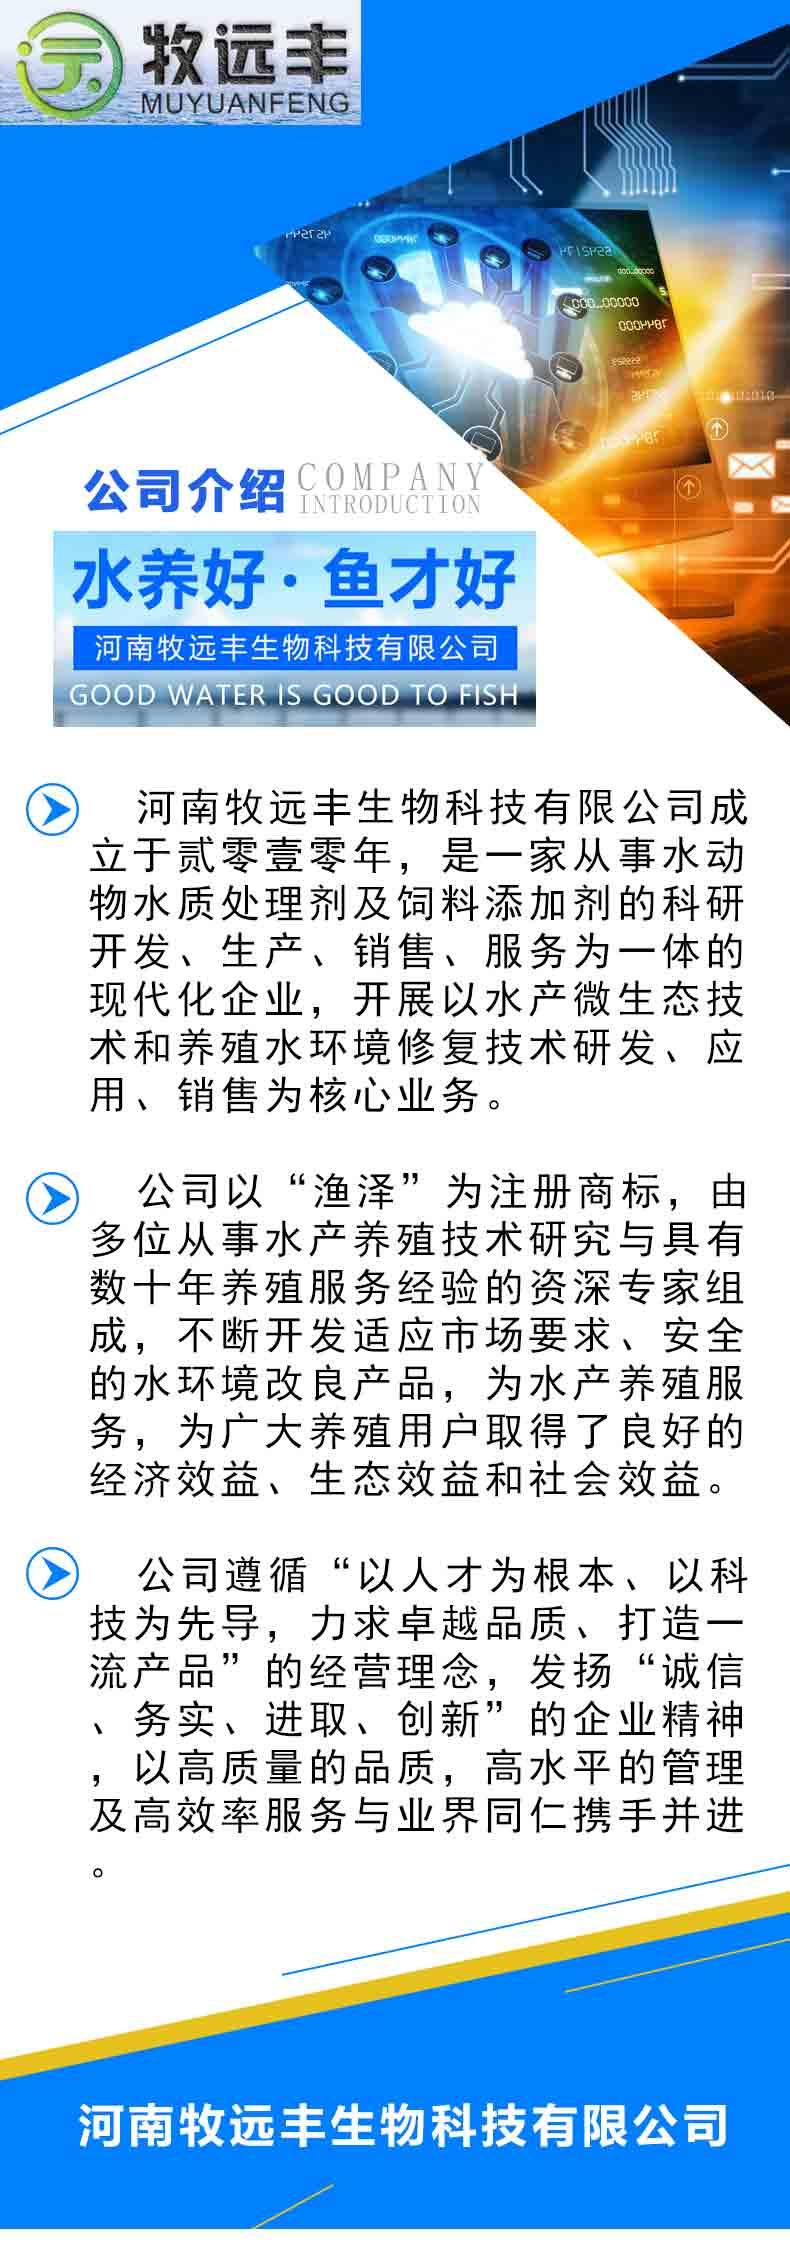 https://wap.haoyz.cn/attachment/images/1/2018/07/eppJKEPYoE3ZZzRzesyP3i8sepID6I.jpg